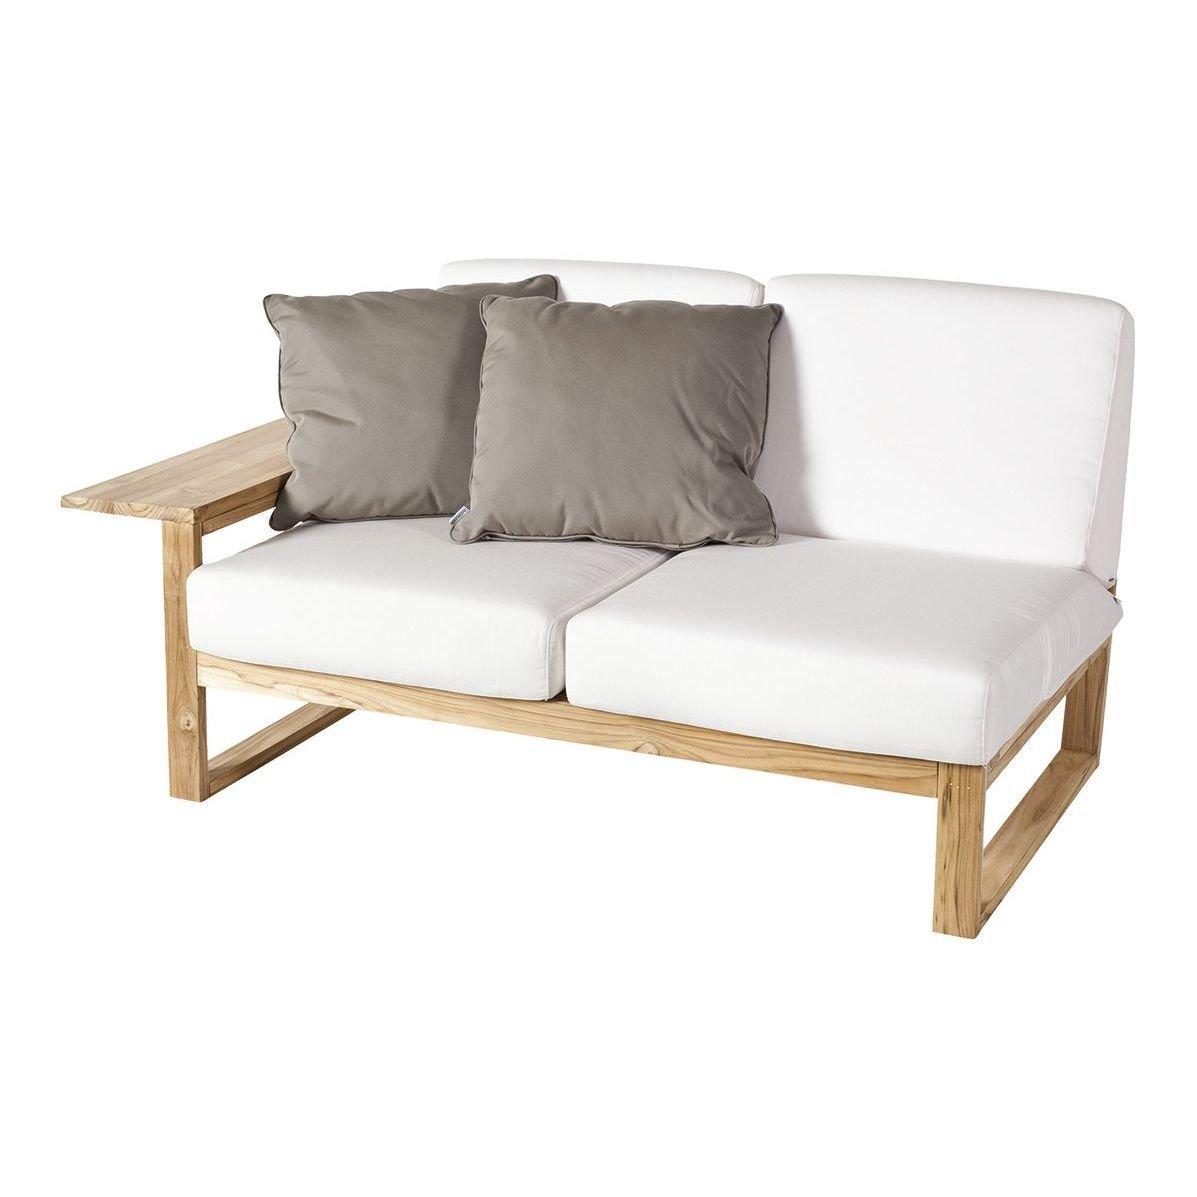 Sof s modernos el corte ingl s for Sofa de madera para terraza